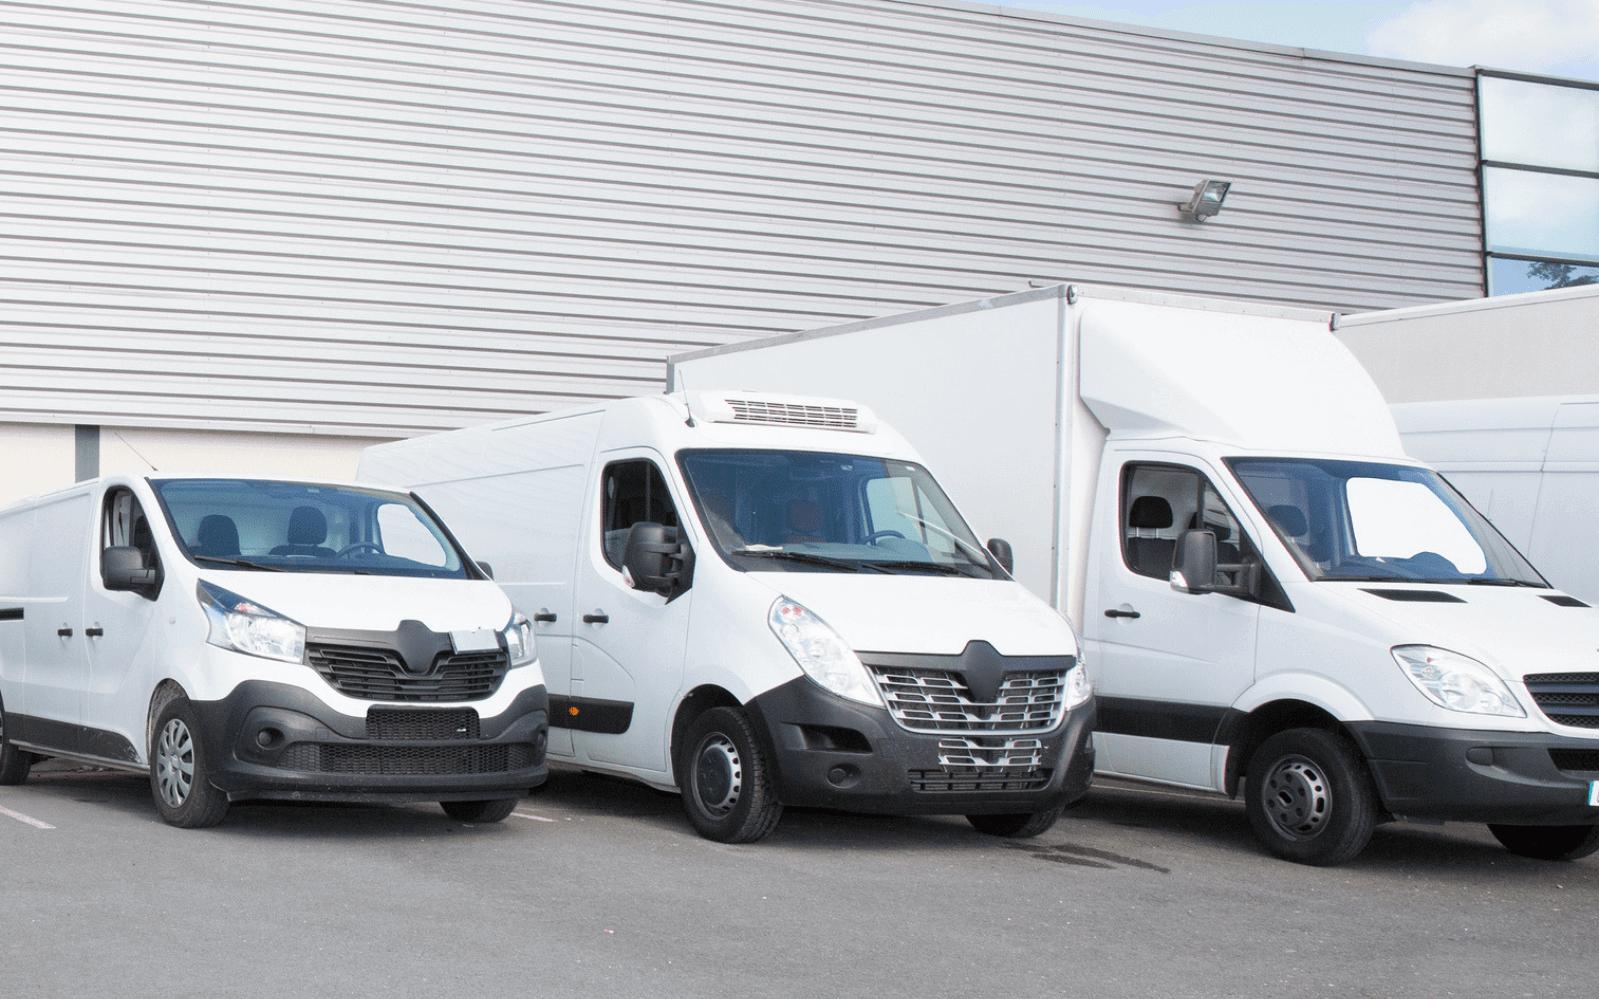 Fleet of business trucks